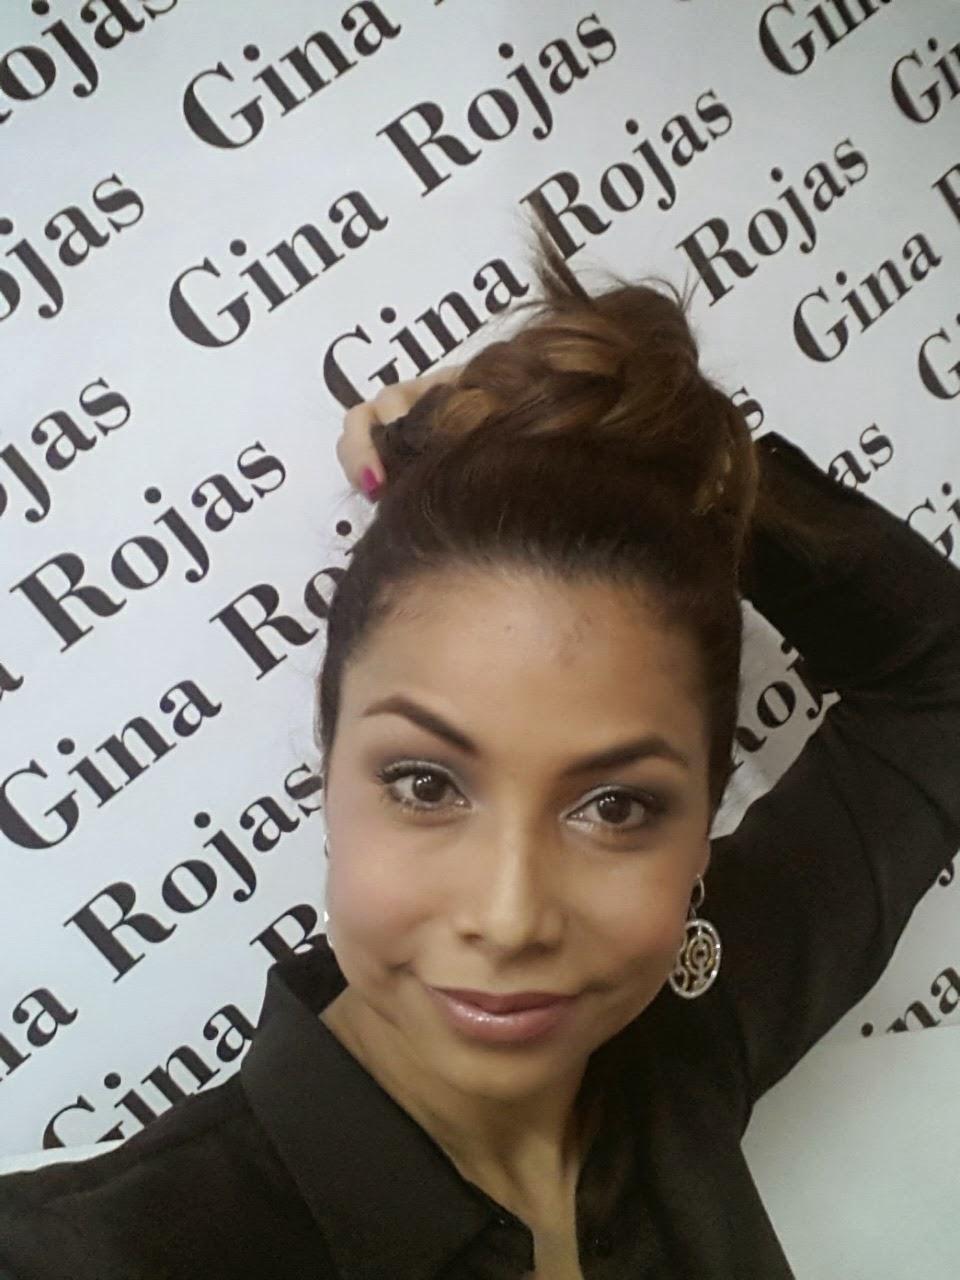 gina Rojas haciendo un Peinado en el tope